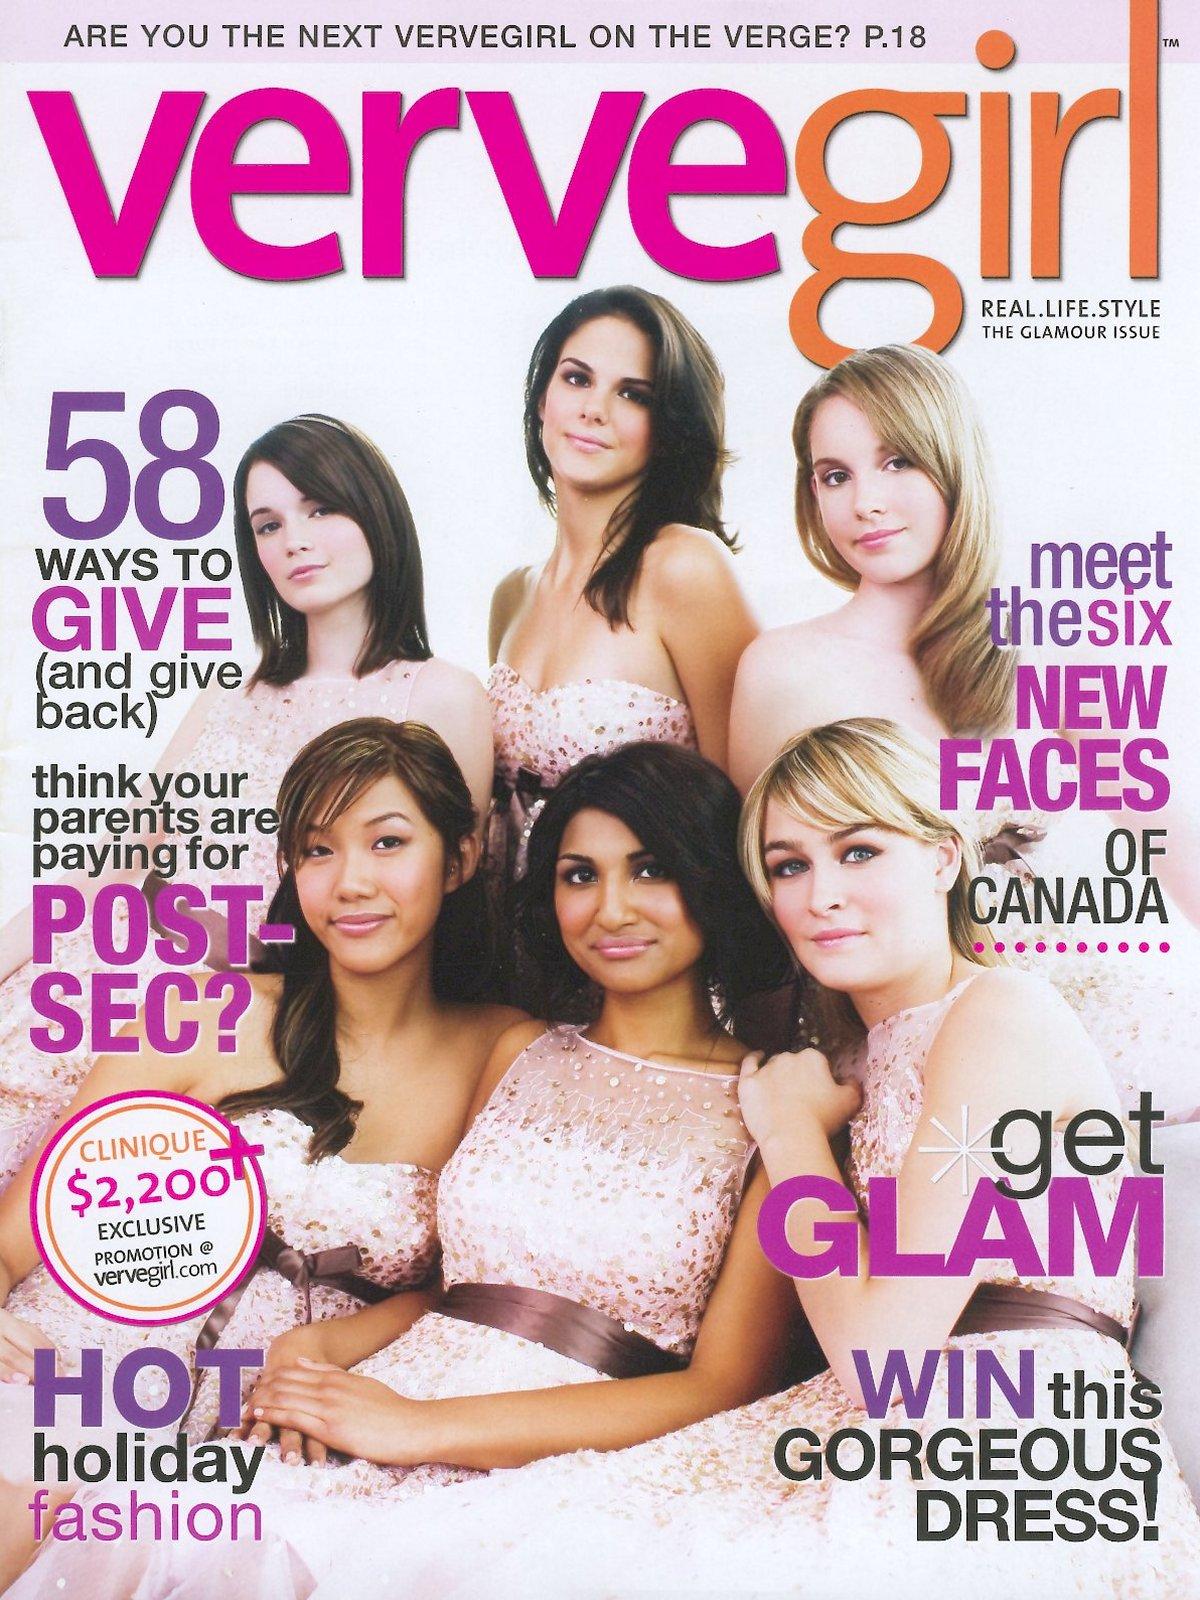 Verve Girl Cover.jpg